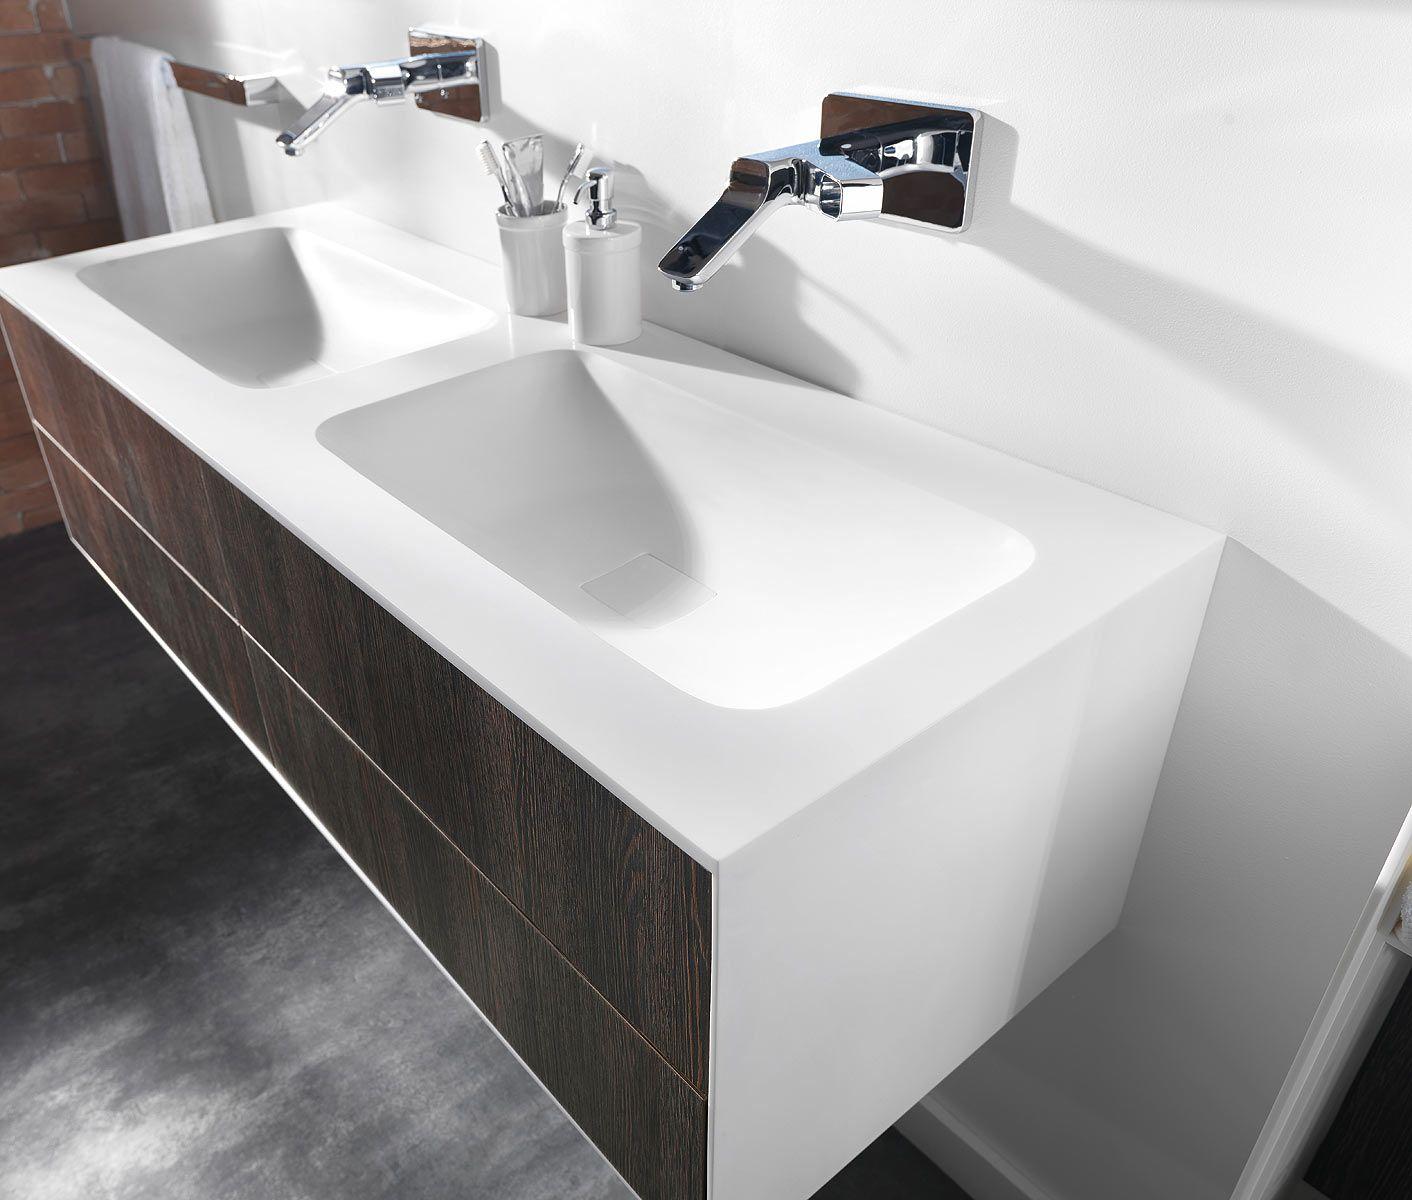 Meuble salle de bains blanc mat Ambiance Bain Kitoi | Espace Aubade ...